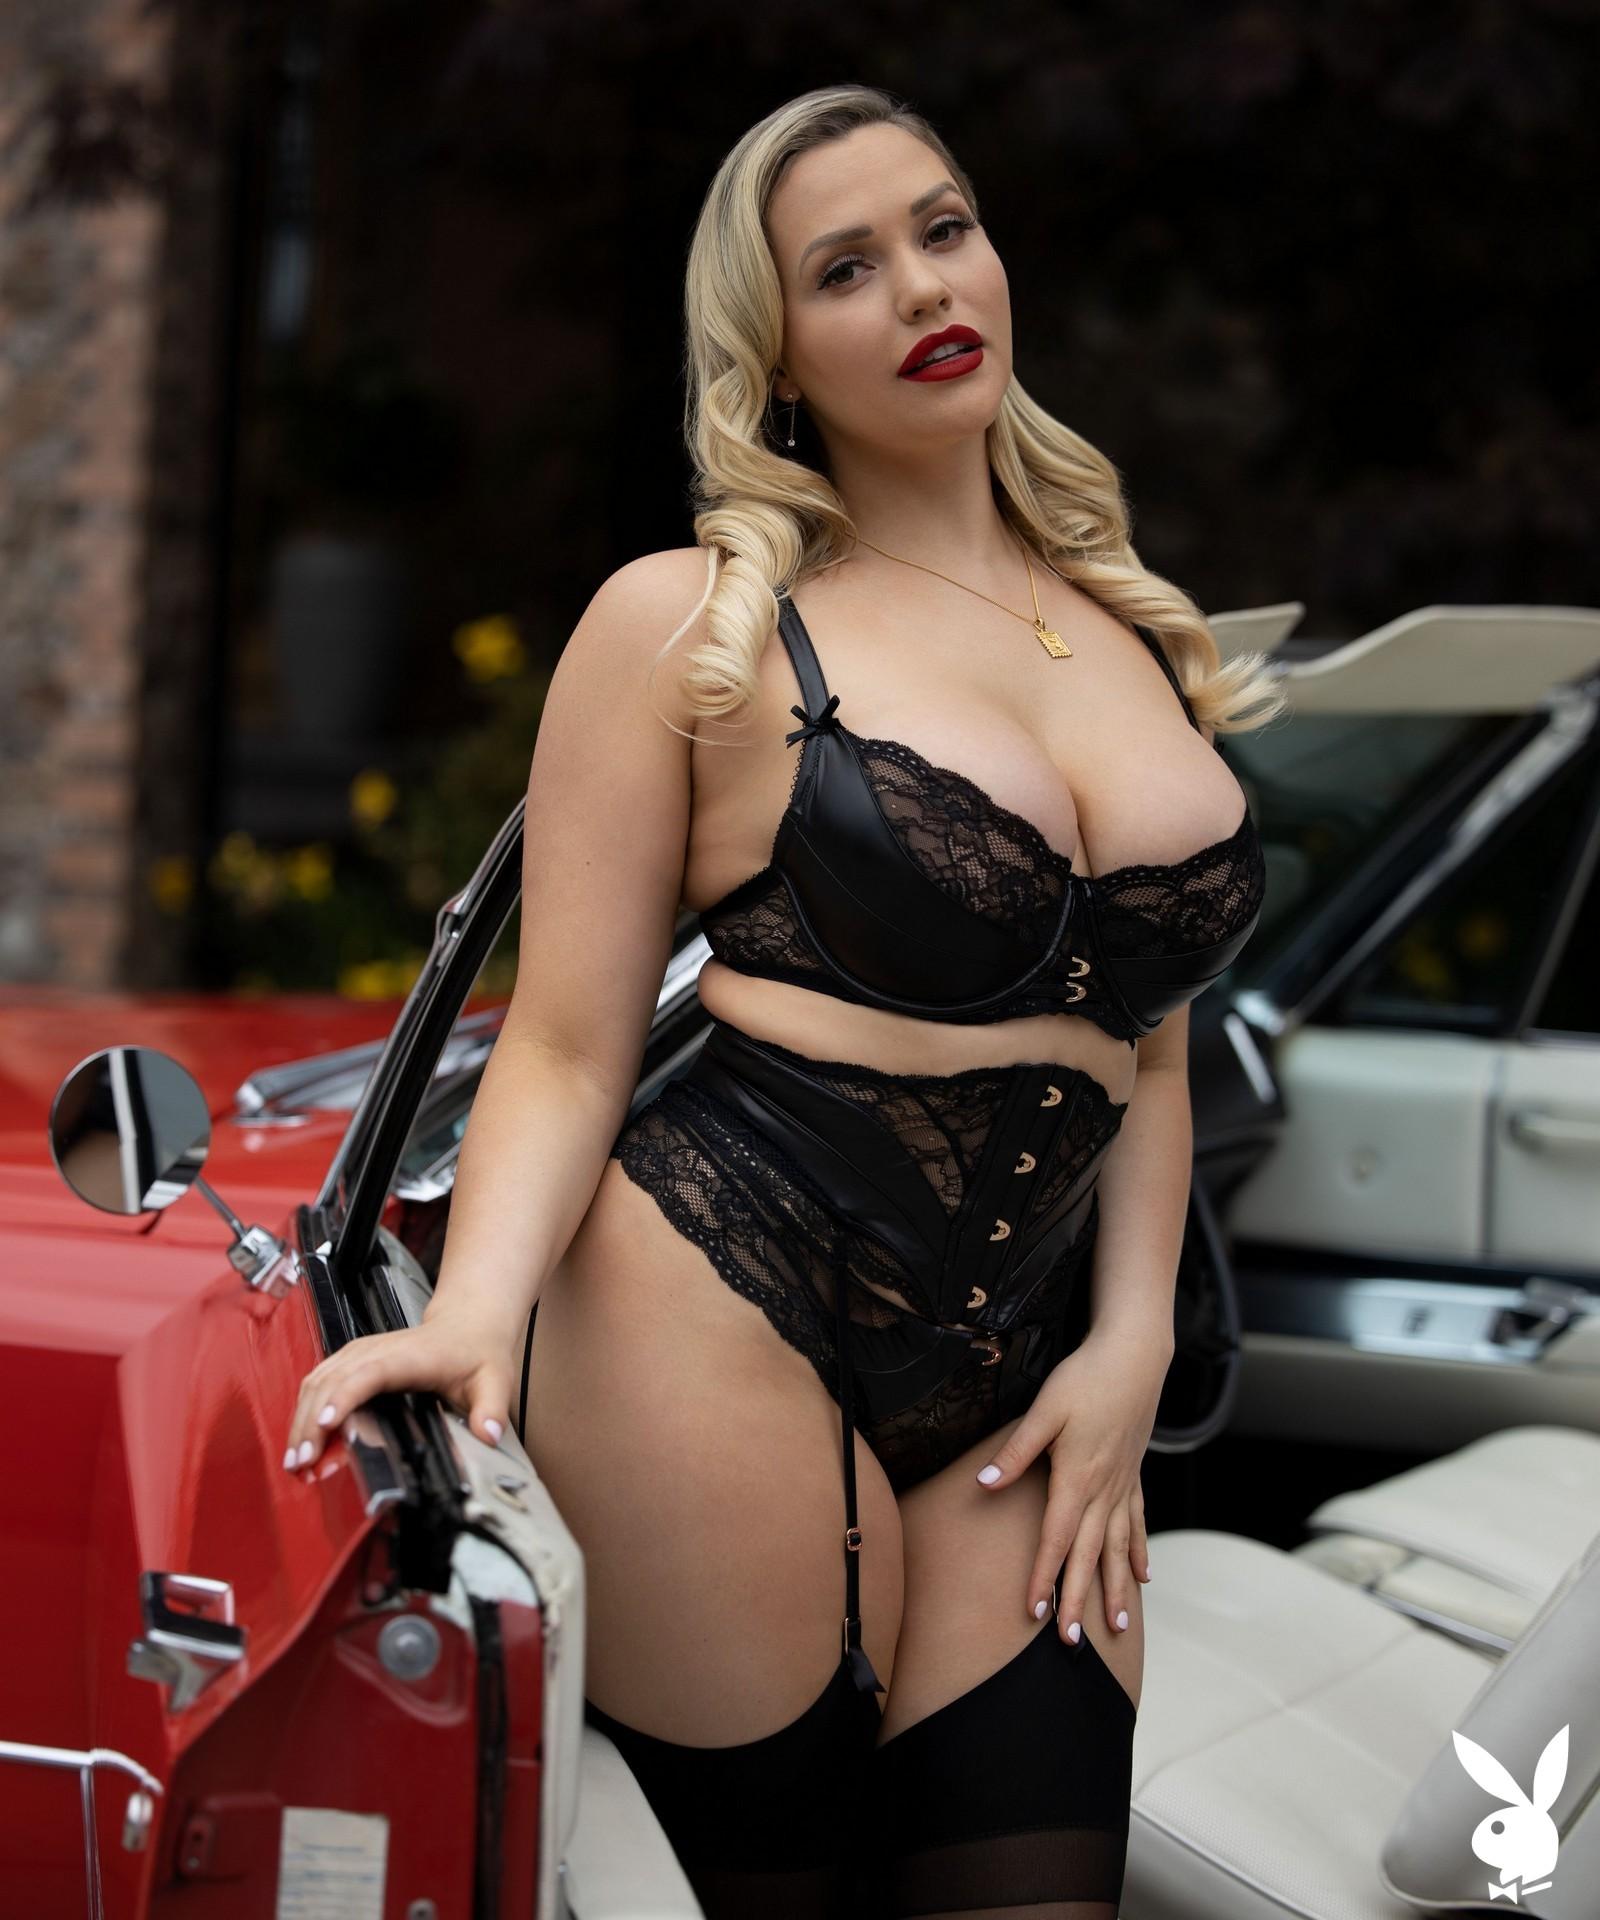 Mia Malkova In Drive Me Wild Playboy Plus (16)